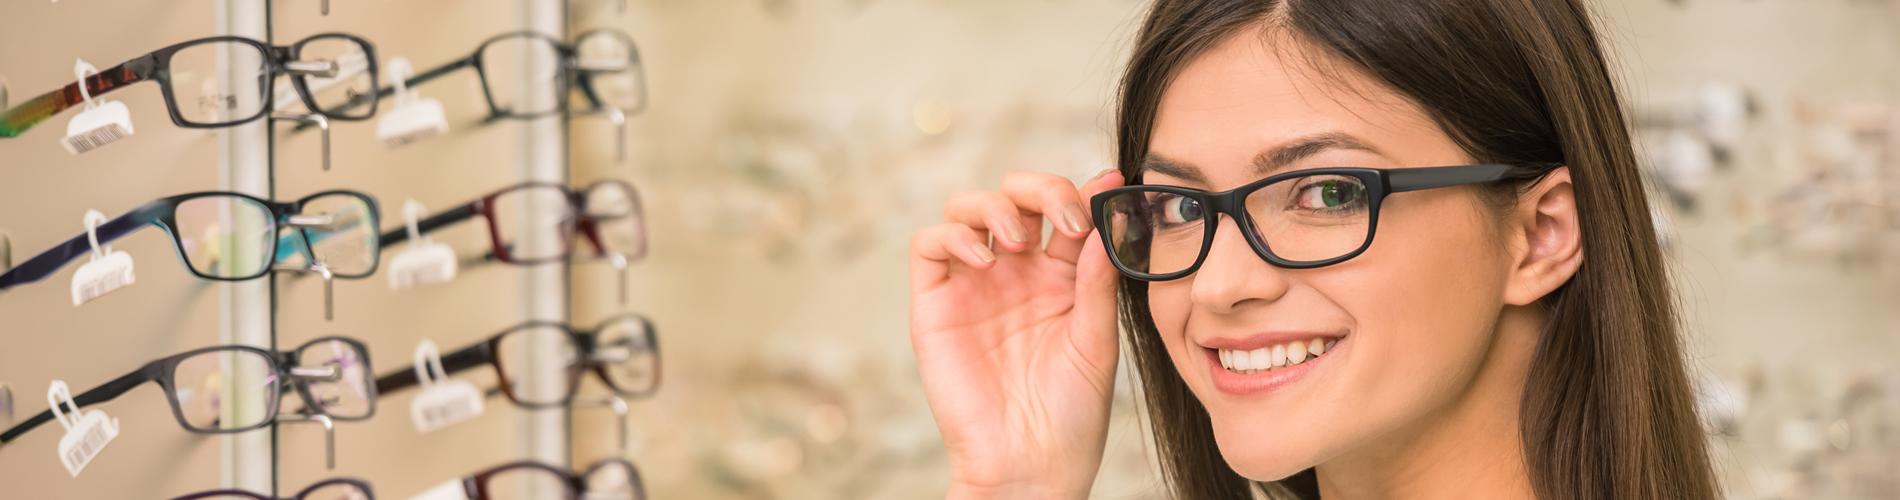 Frau mit Brille - Optik Zach Aschaffenburg